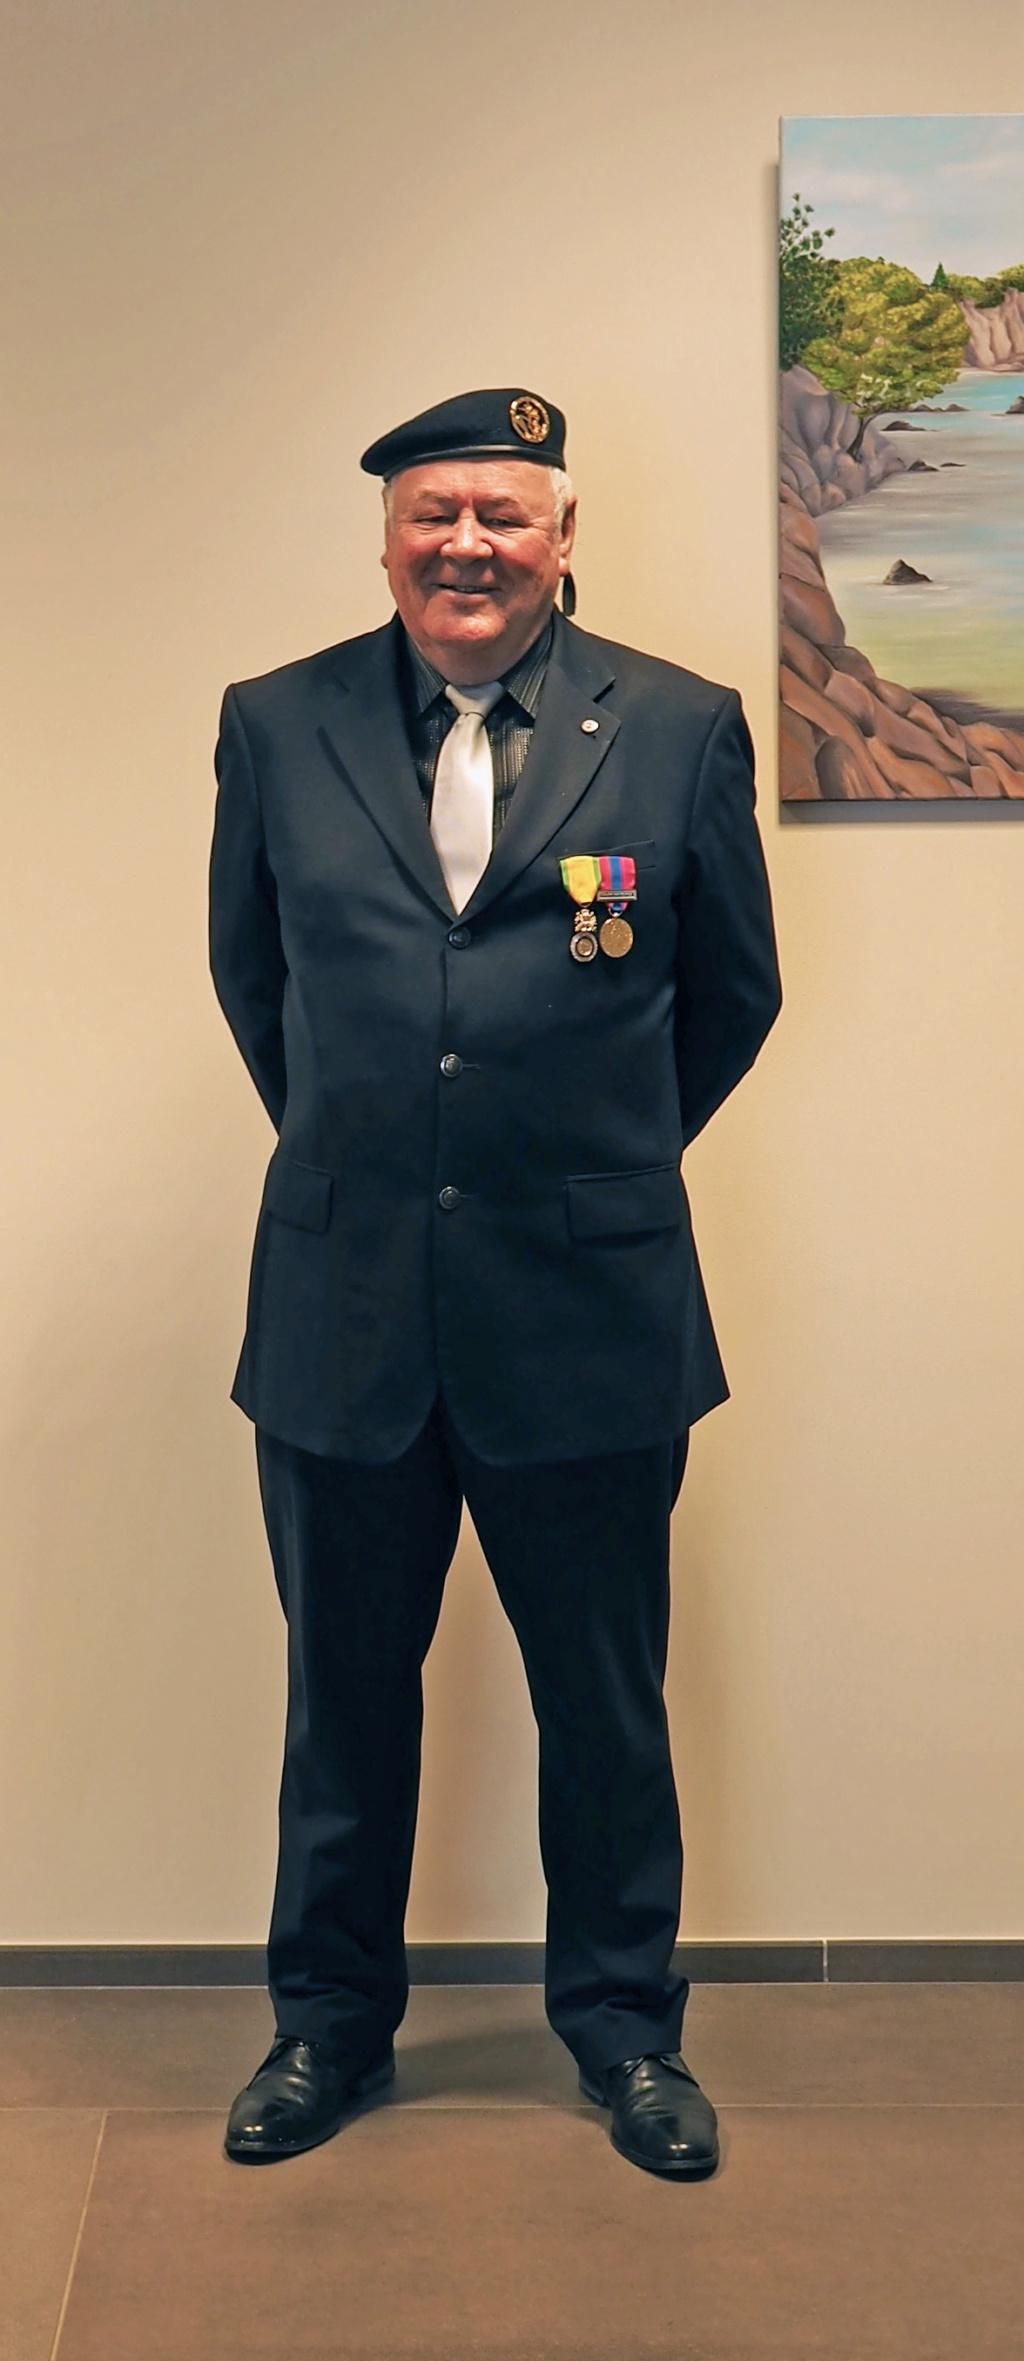 Du nouveau pour les anciens Marins (hors commandos) sur la tenue lors des cérémonies patriotiques - Page 8 Jozol_11